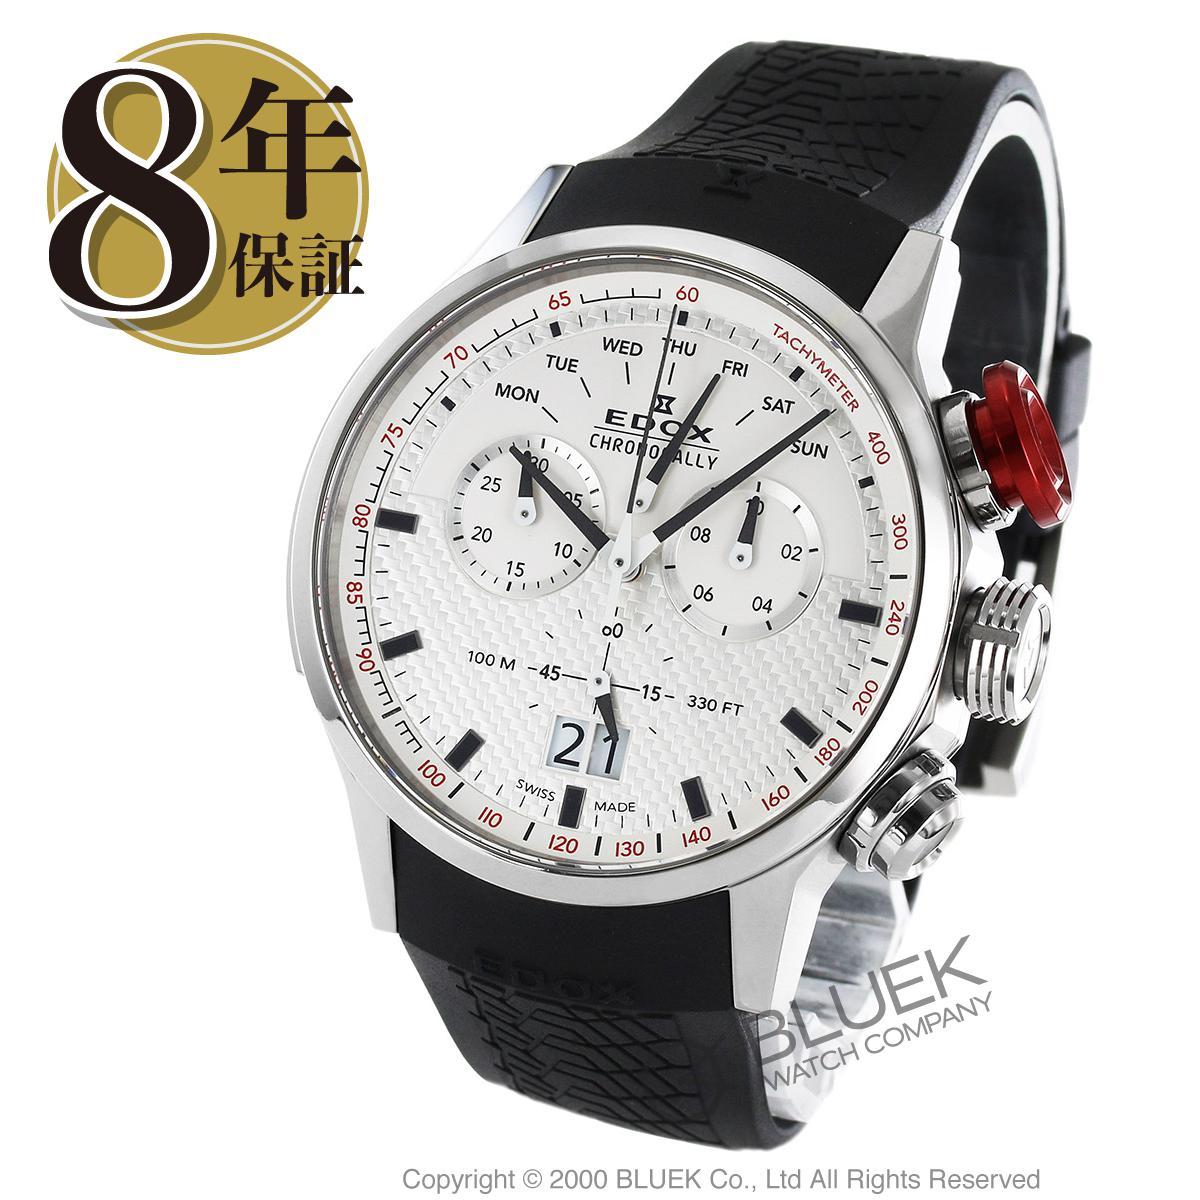 87c1ede20e2c クロエ エドックス EDOX プラダ 腕時計 フェラガモ クロノラリー メンズ ...